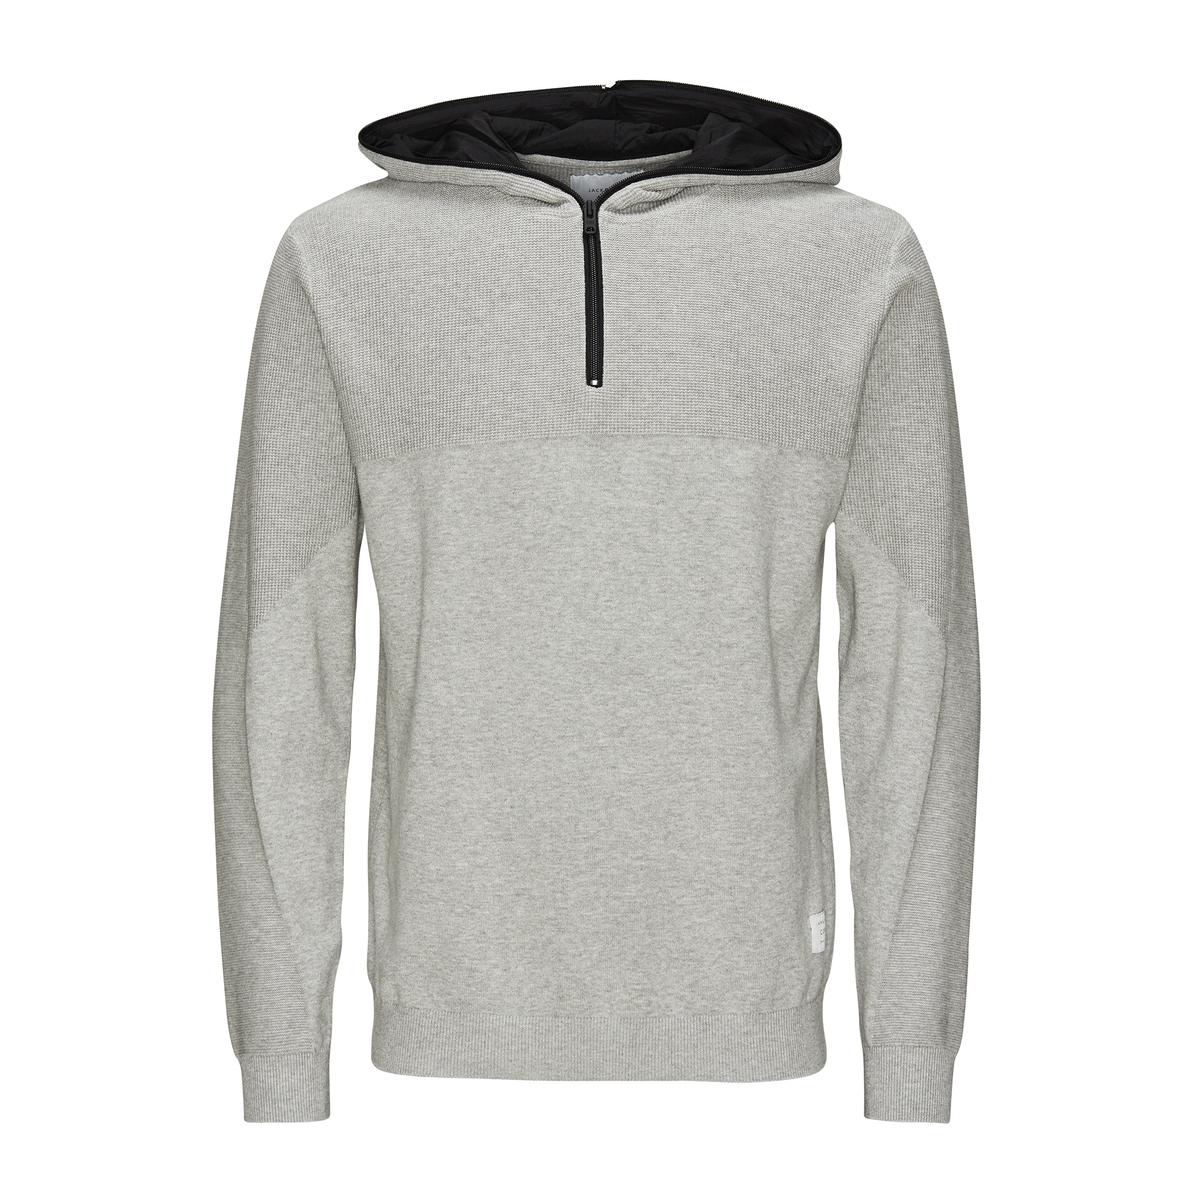 Пуловер с капюшономСостав и описаниеМатериал: 100% хлопок.Марка: JACK &amp; JONES.<br><br>Цвет: светло-серый меланж,черный